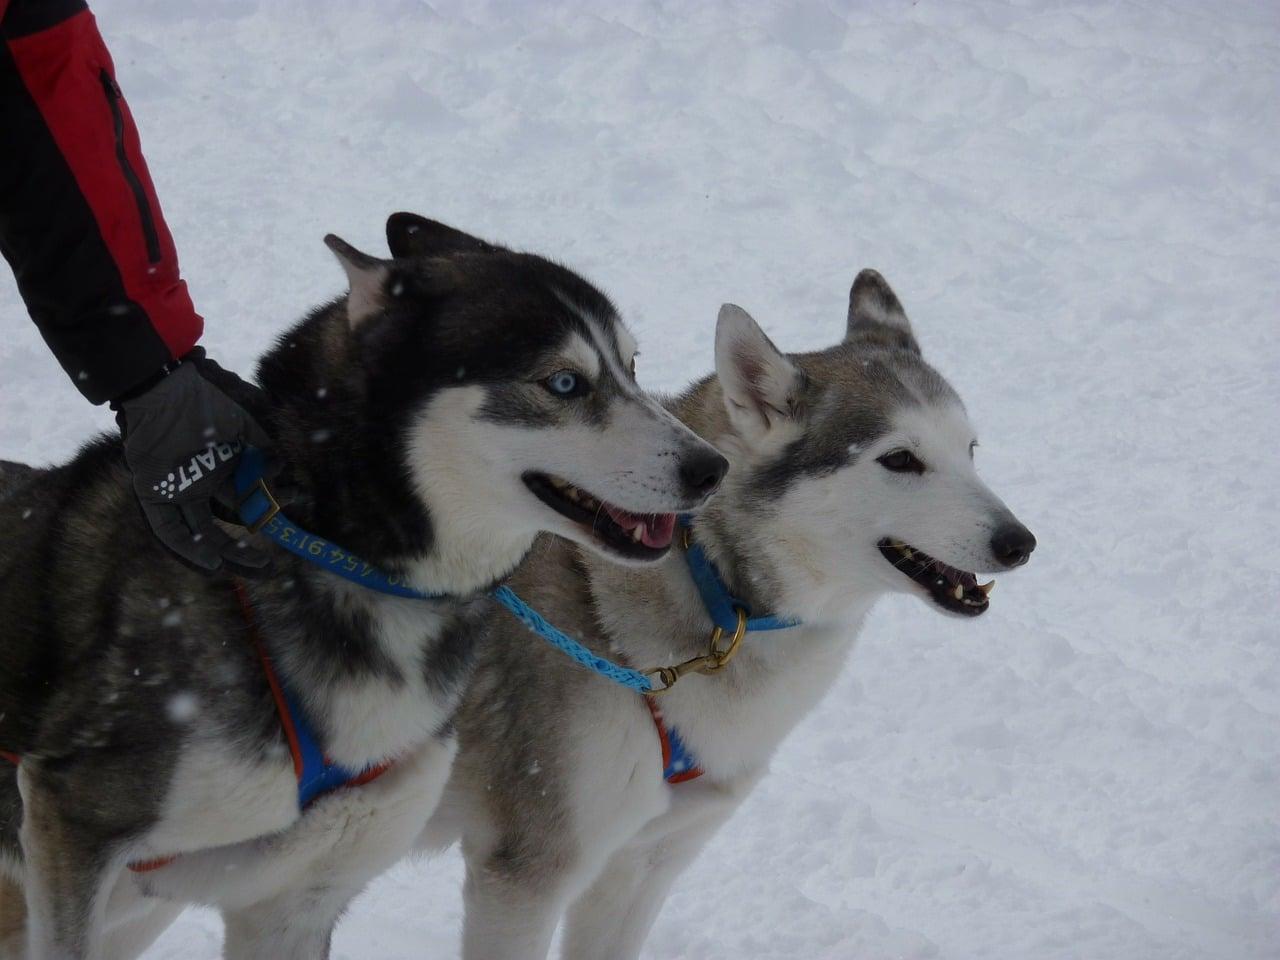 sled-dog-race-196148_1280